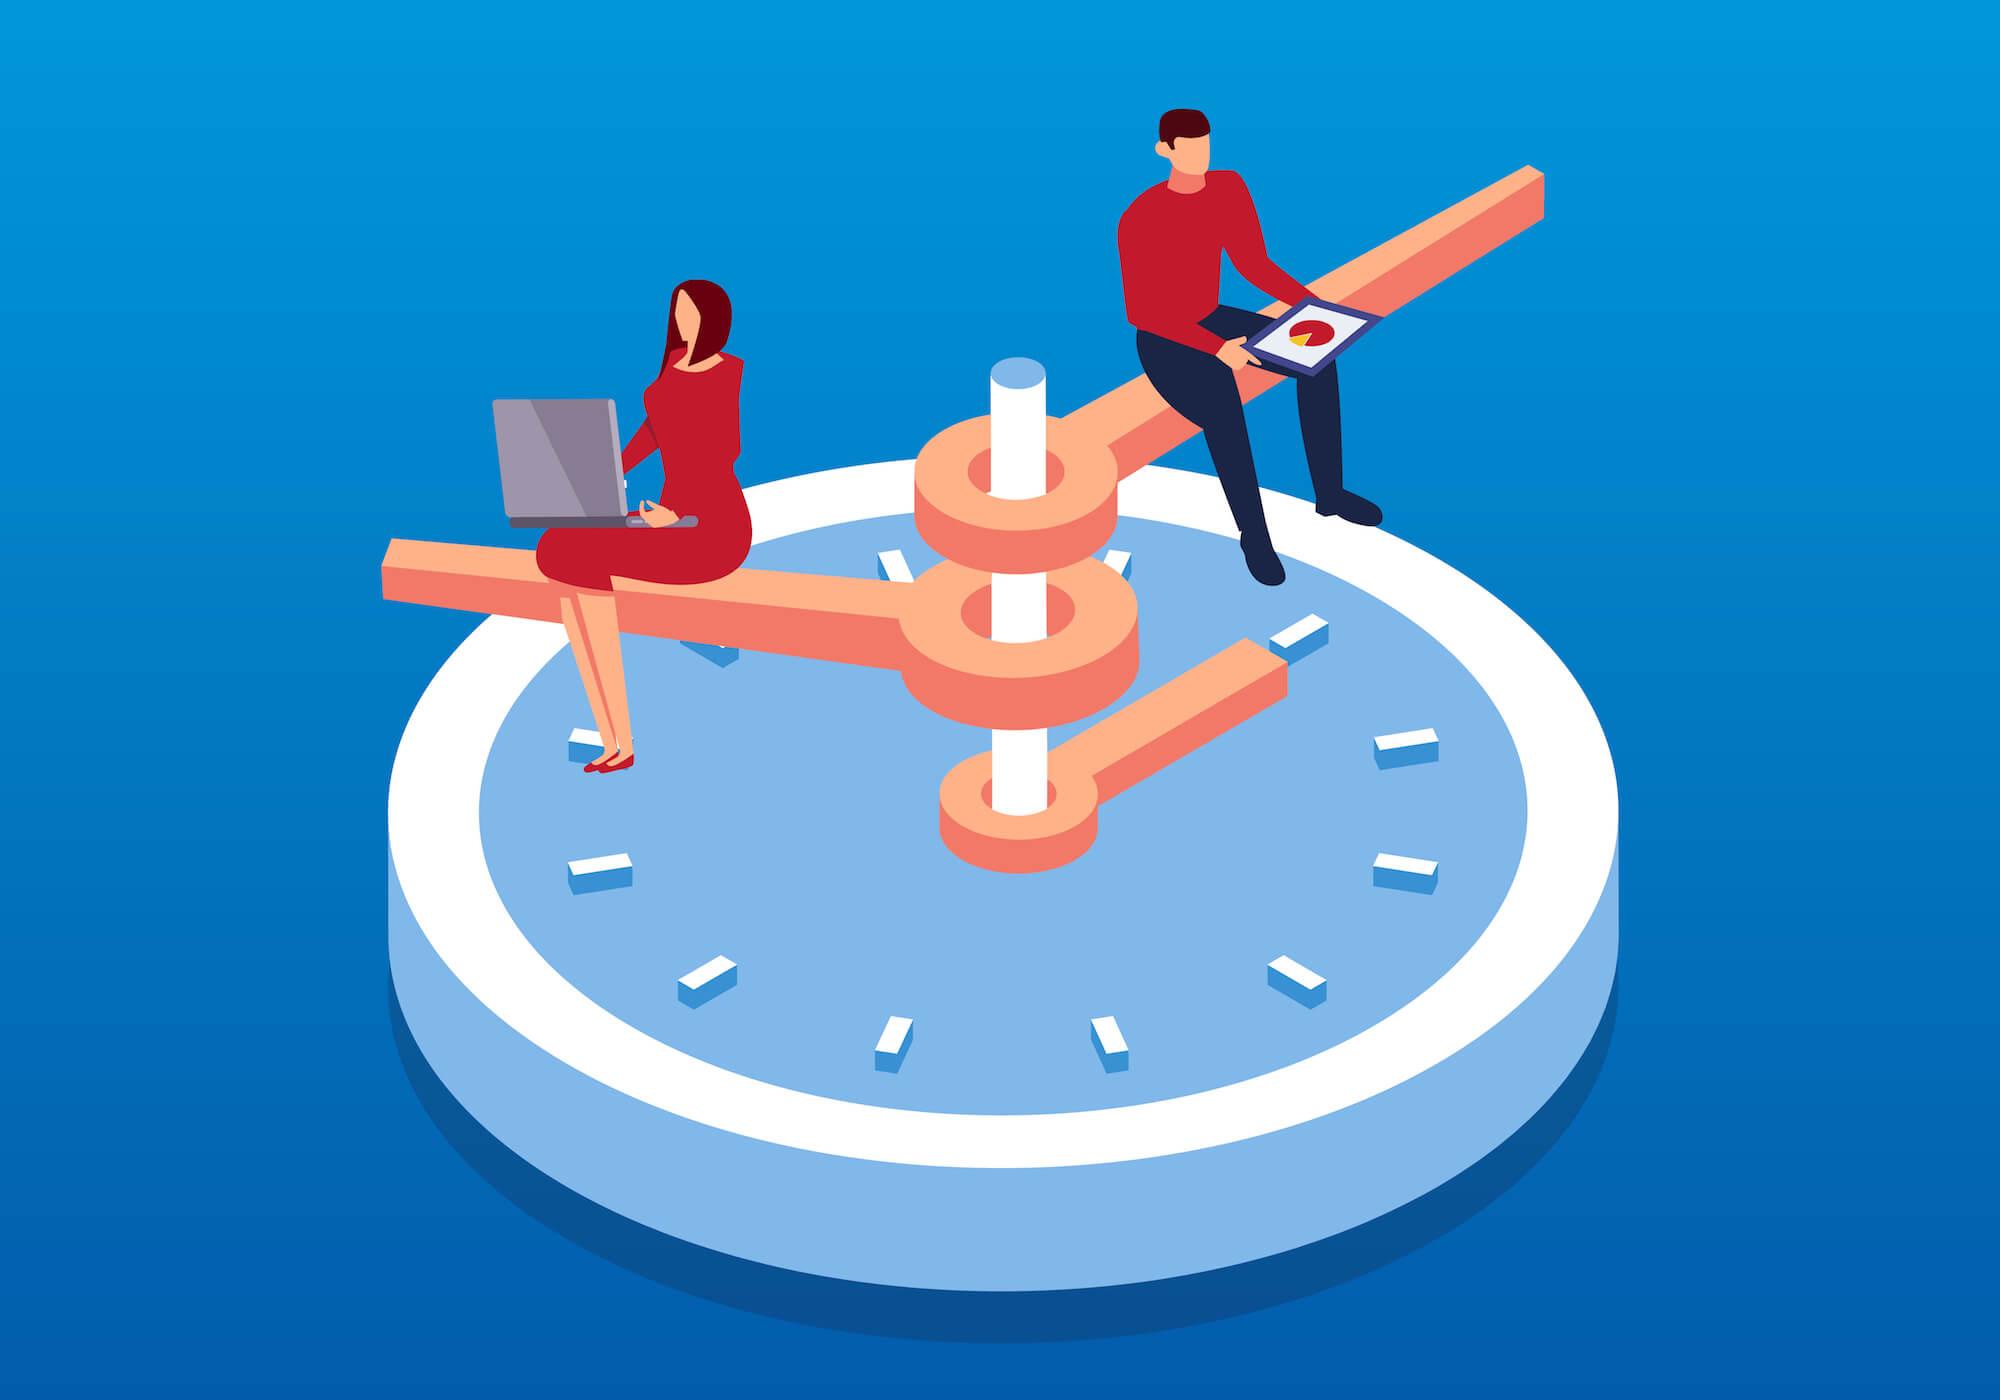 【働き方改革】2019年4月から変わる「労働時間等見直しガイドライン」の概要をいち早くチェック